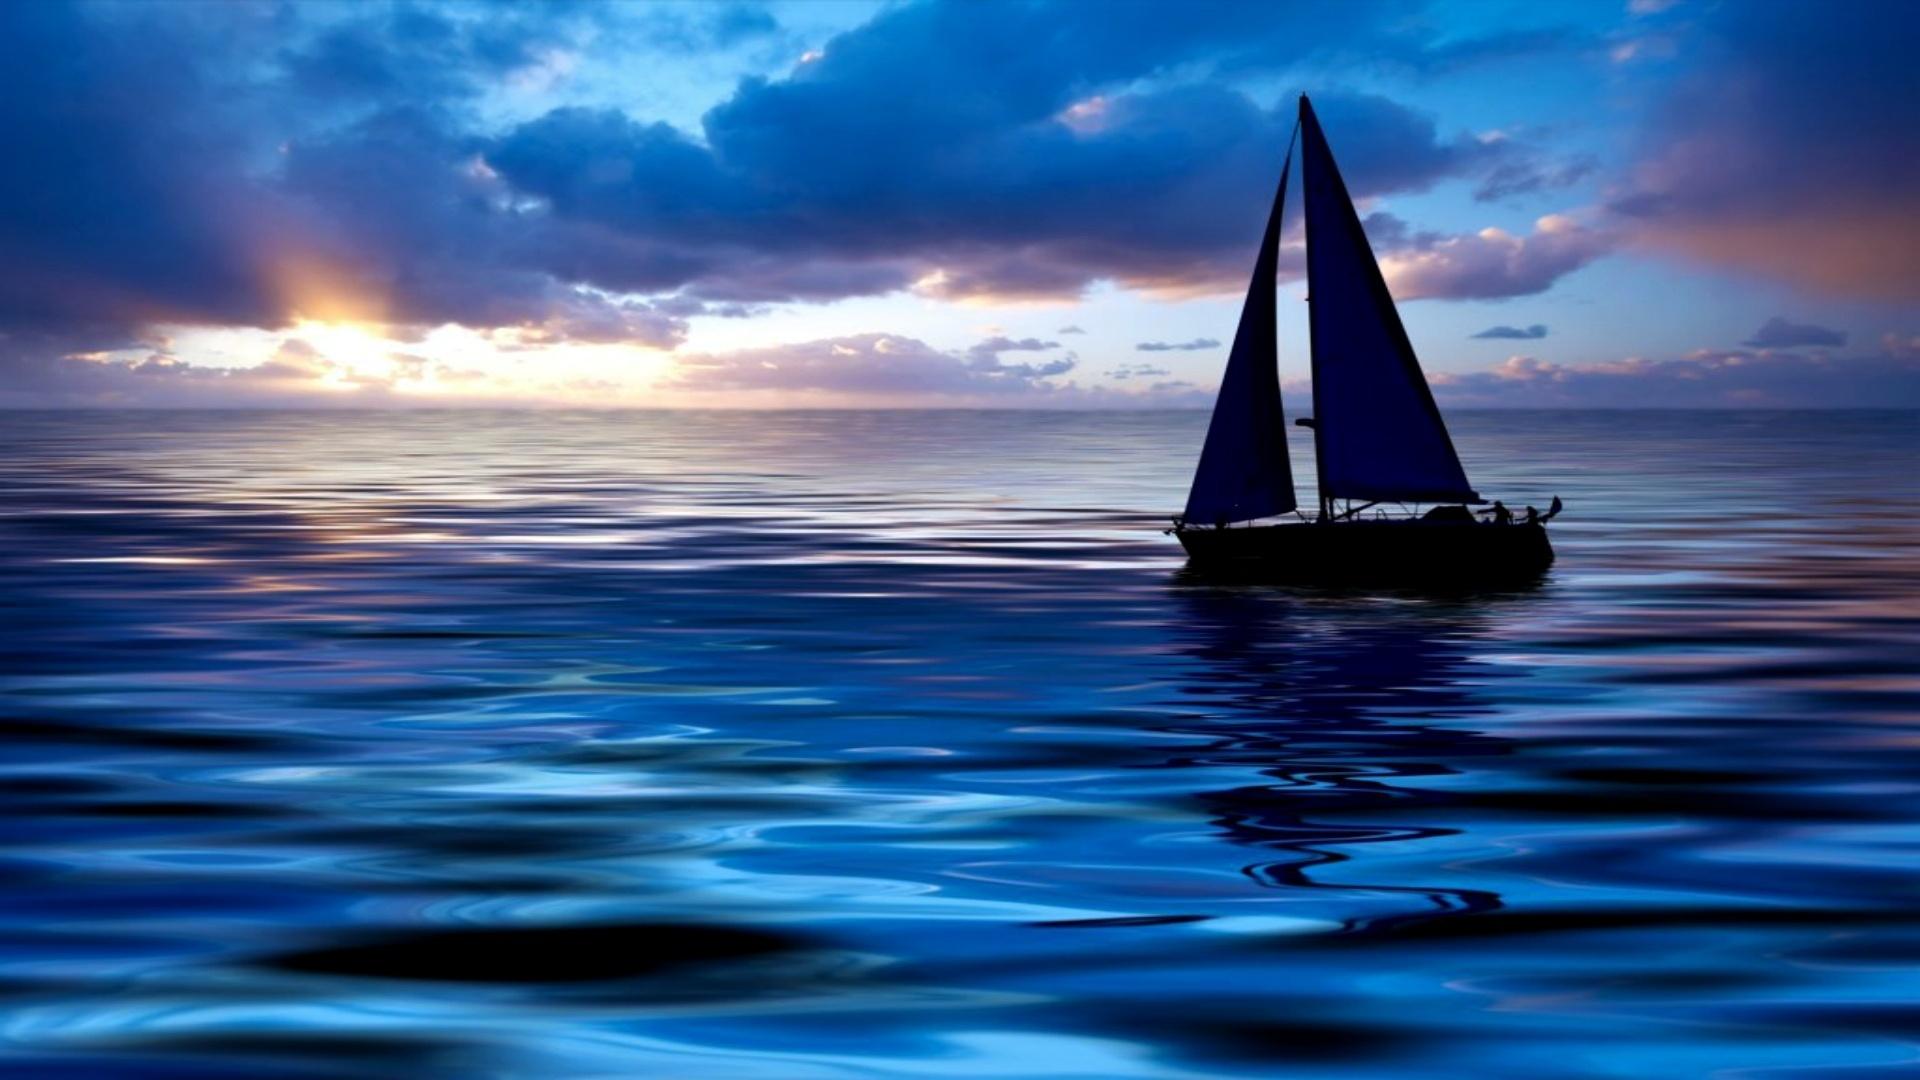 корабль парус море закат смотреть